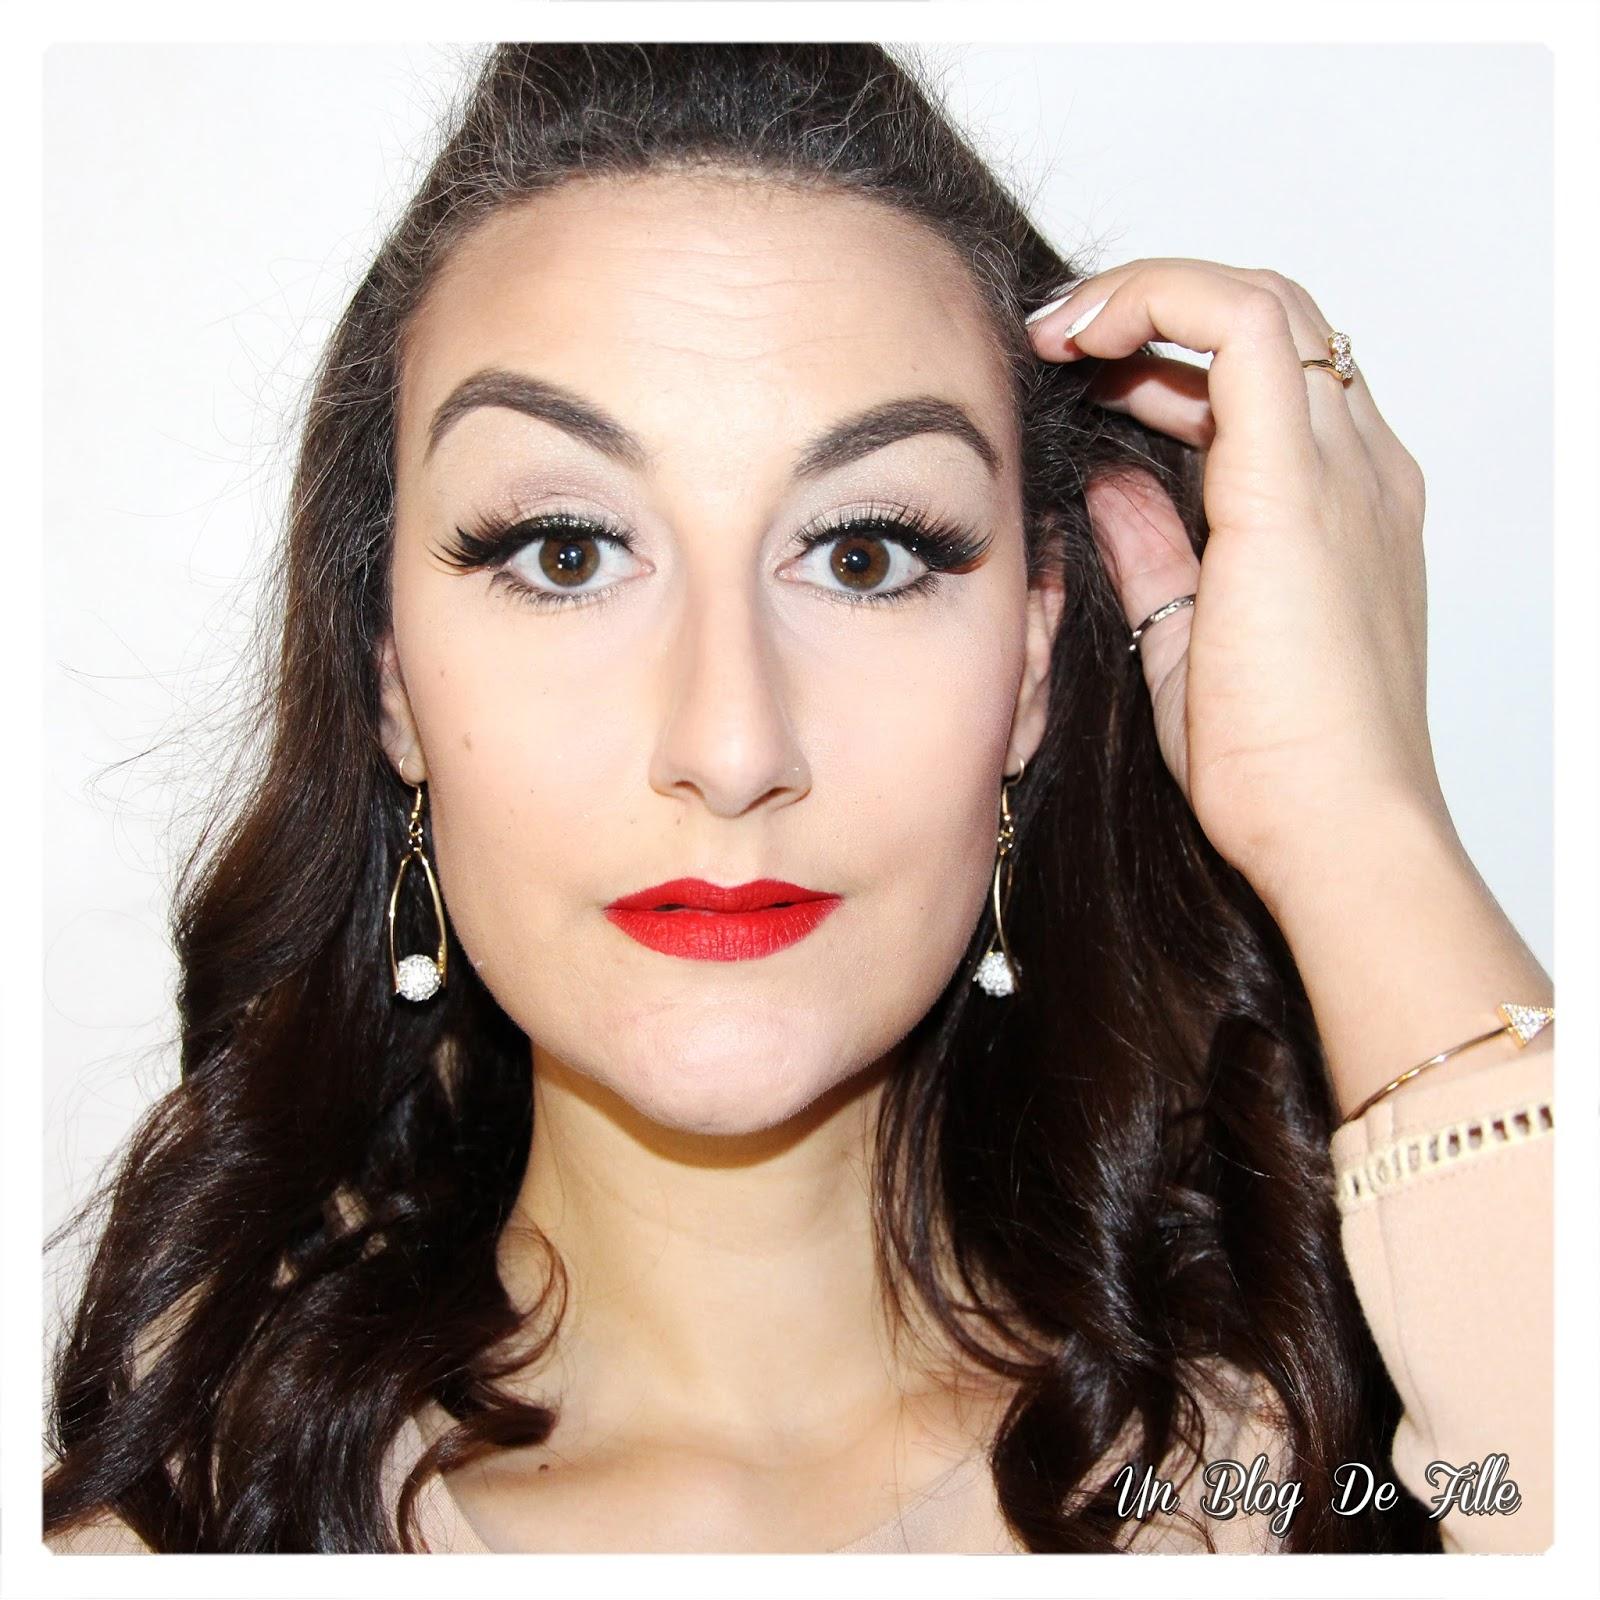 http://unblogdefille.blogspot.fr/2018/01/maquillage-de-fete-paillettes-noires-et.html